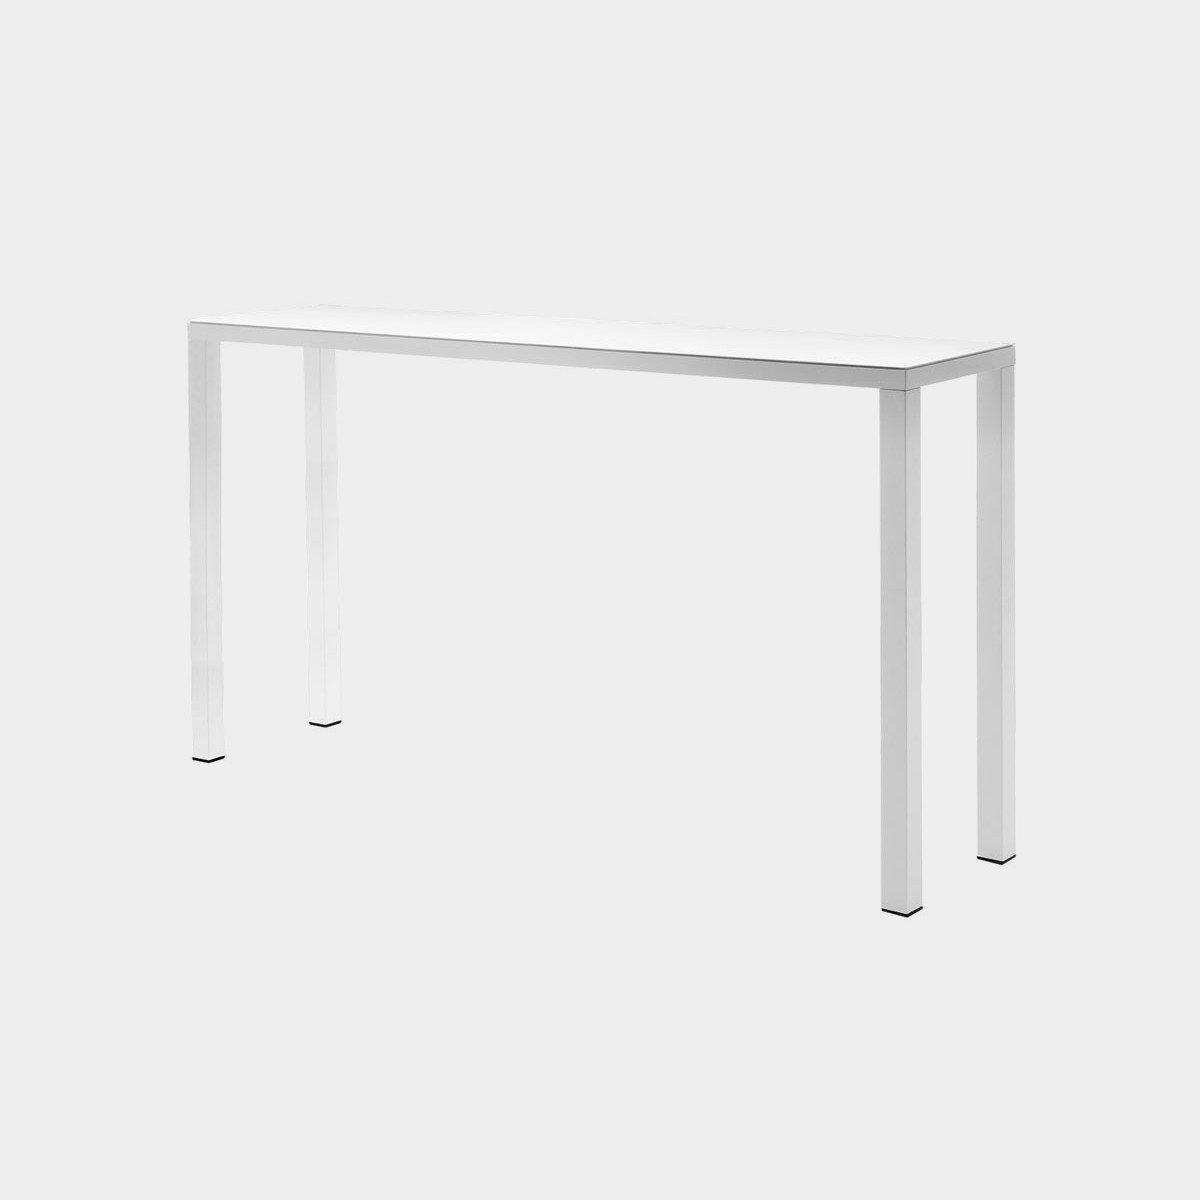 Bartisch schmal  Design Schmal Küchenschrank ~ Alles Bild für Ihr Haus Design Ideen